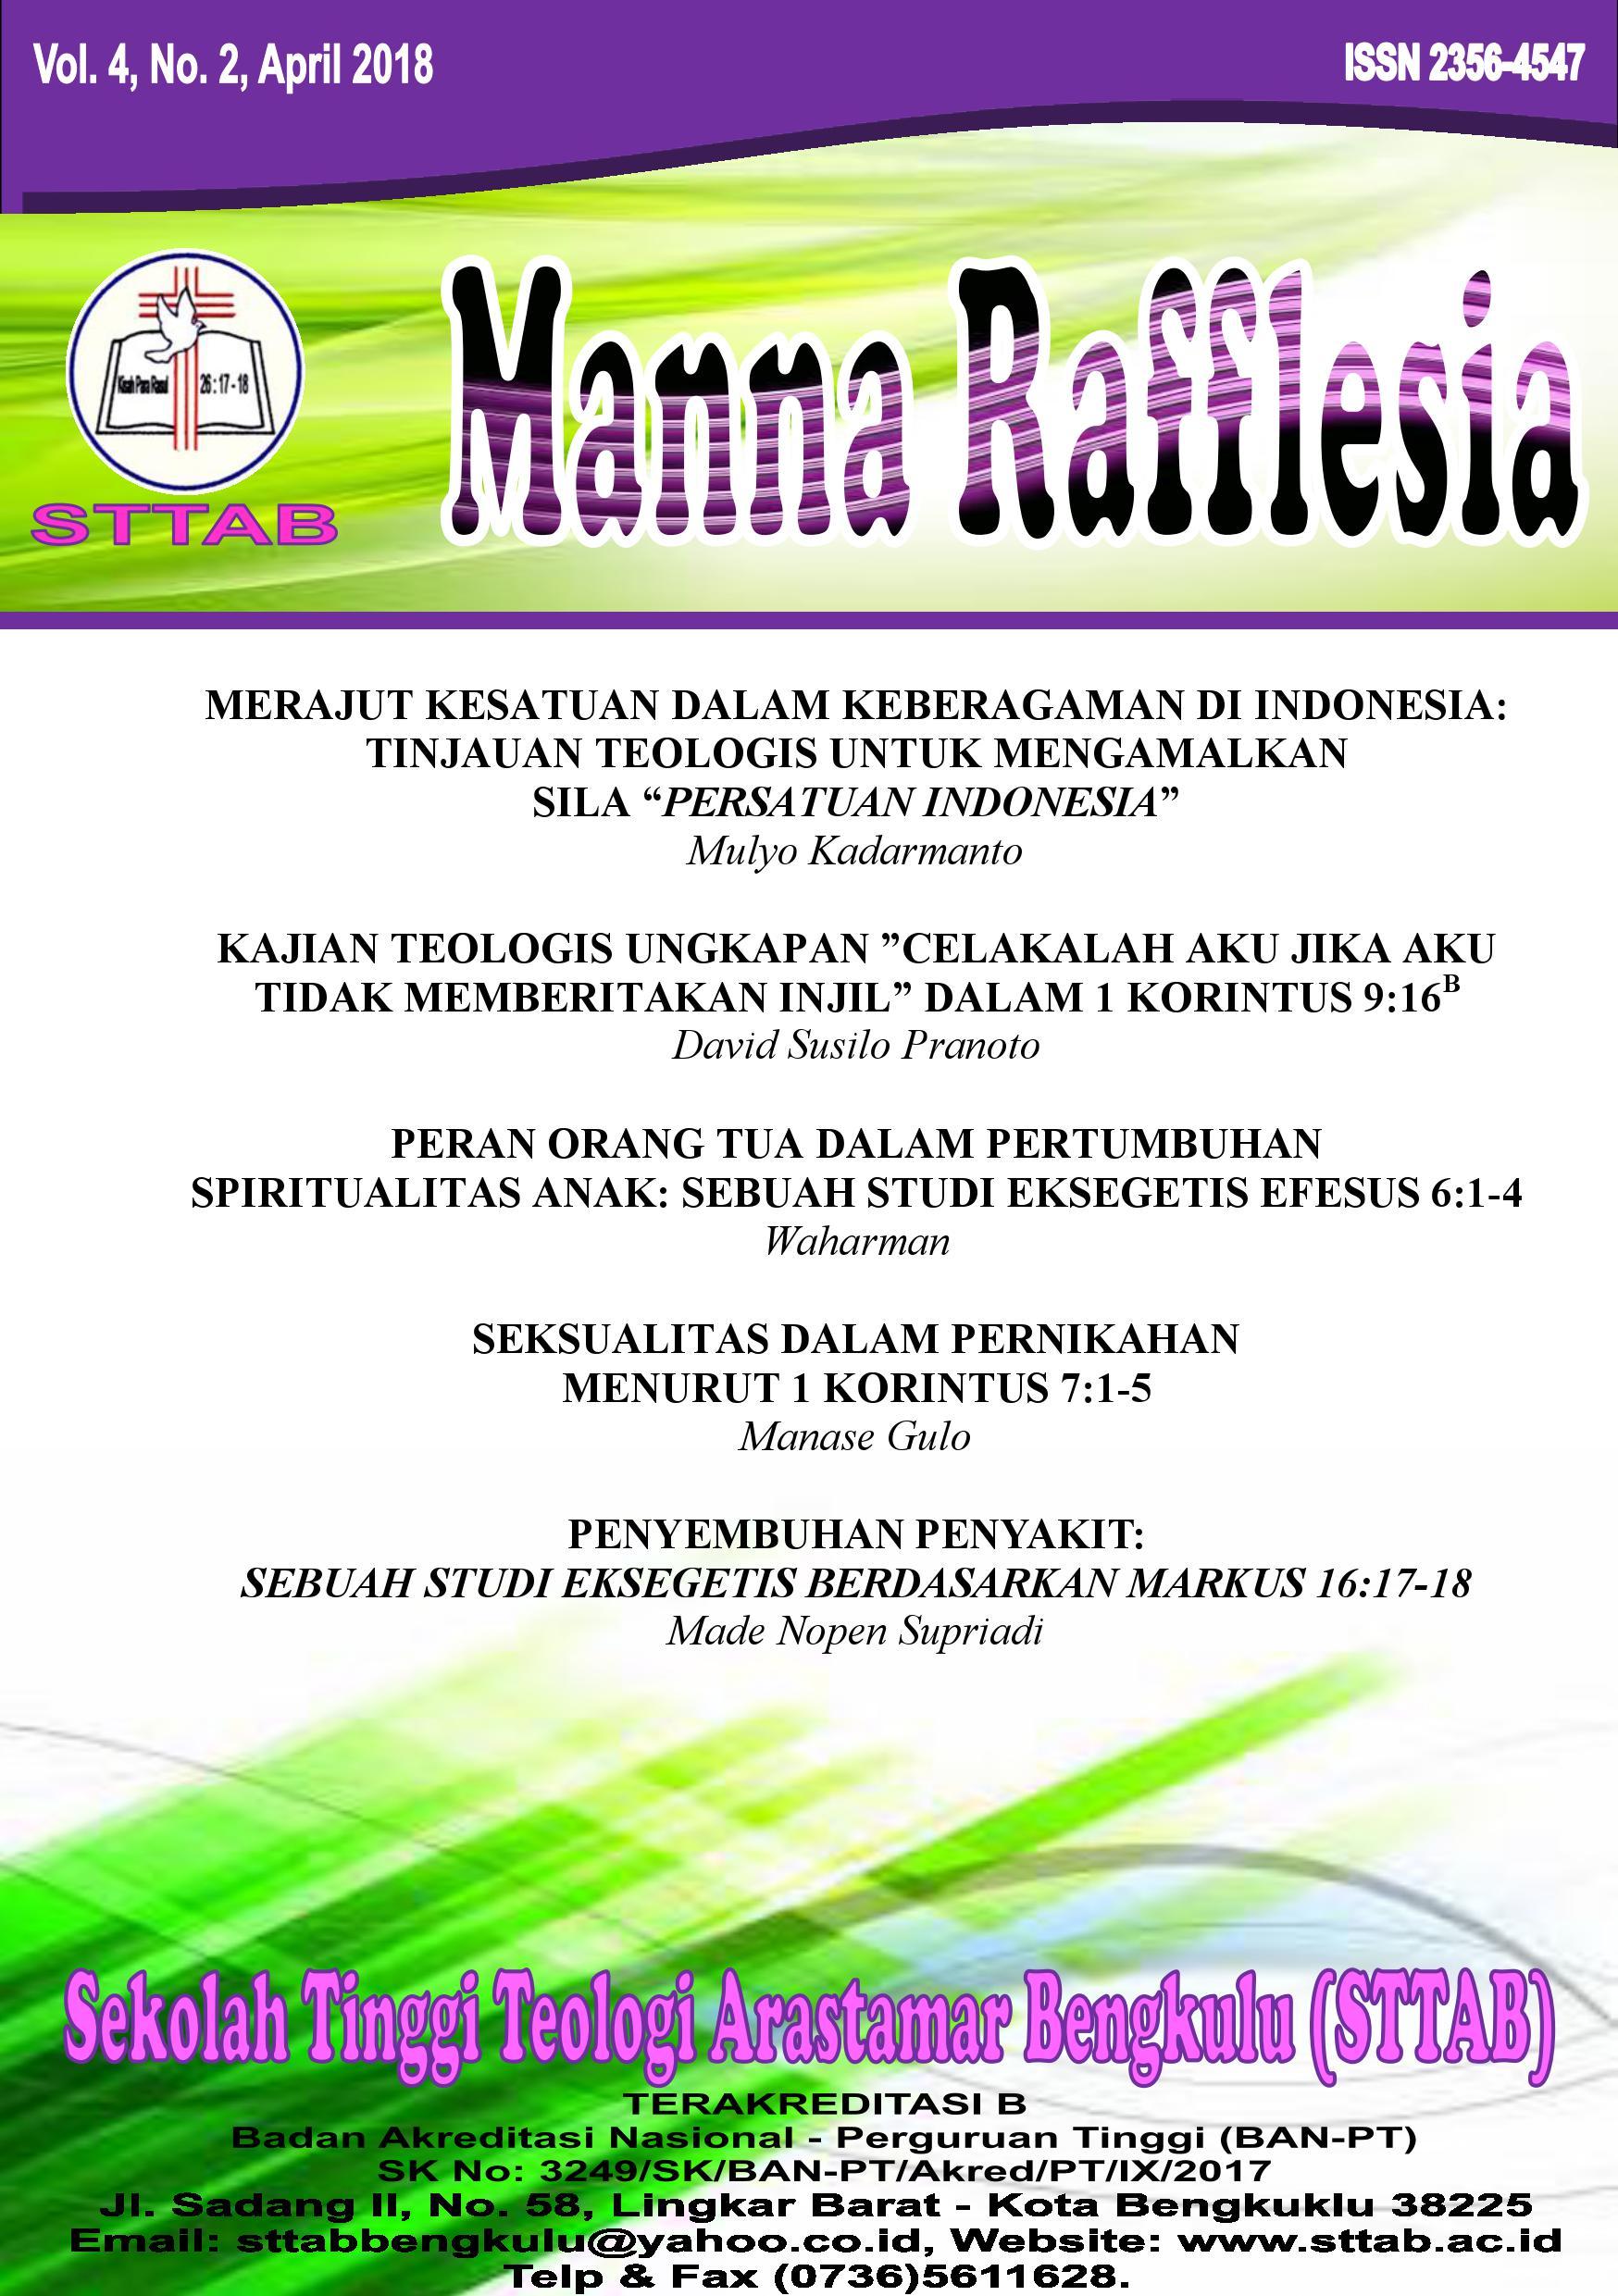 manna rafflesia cover 4.2